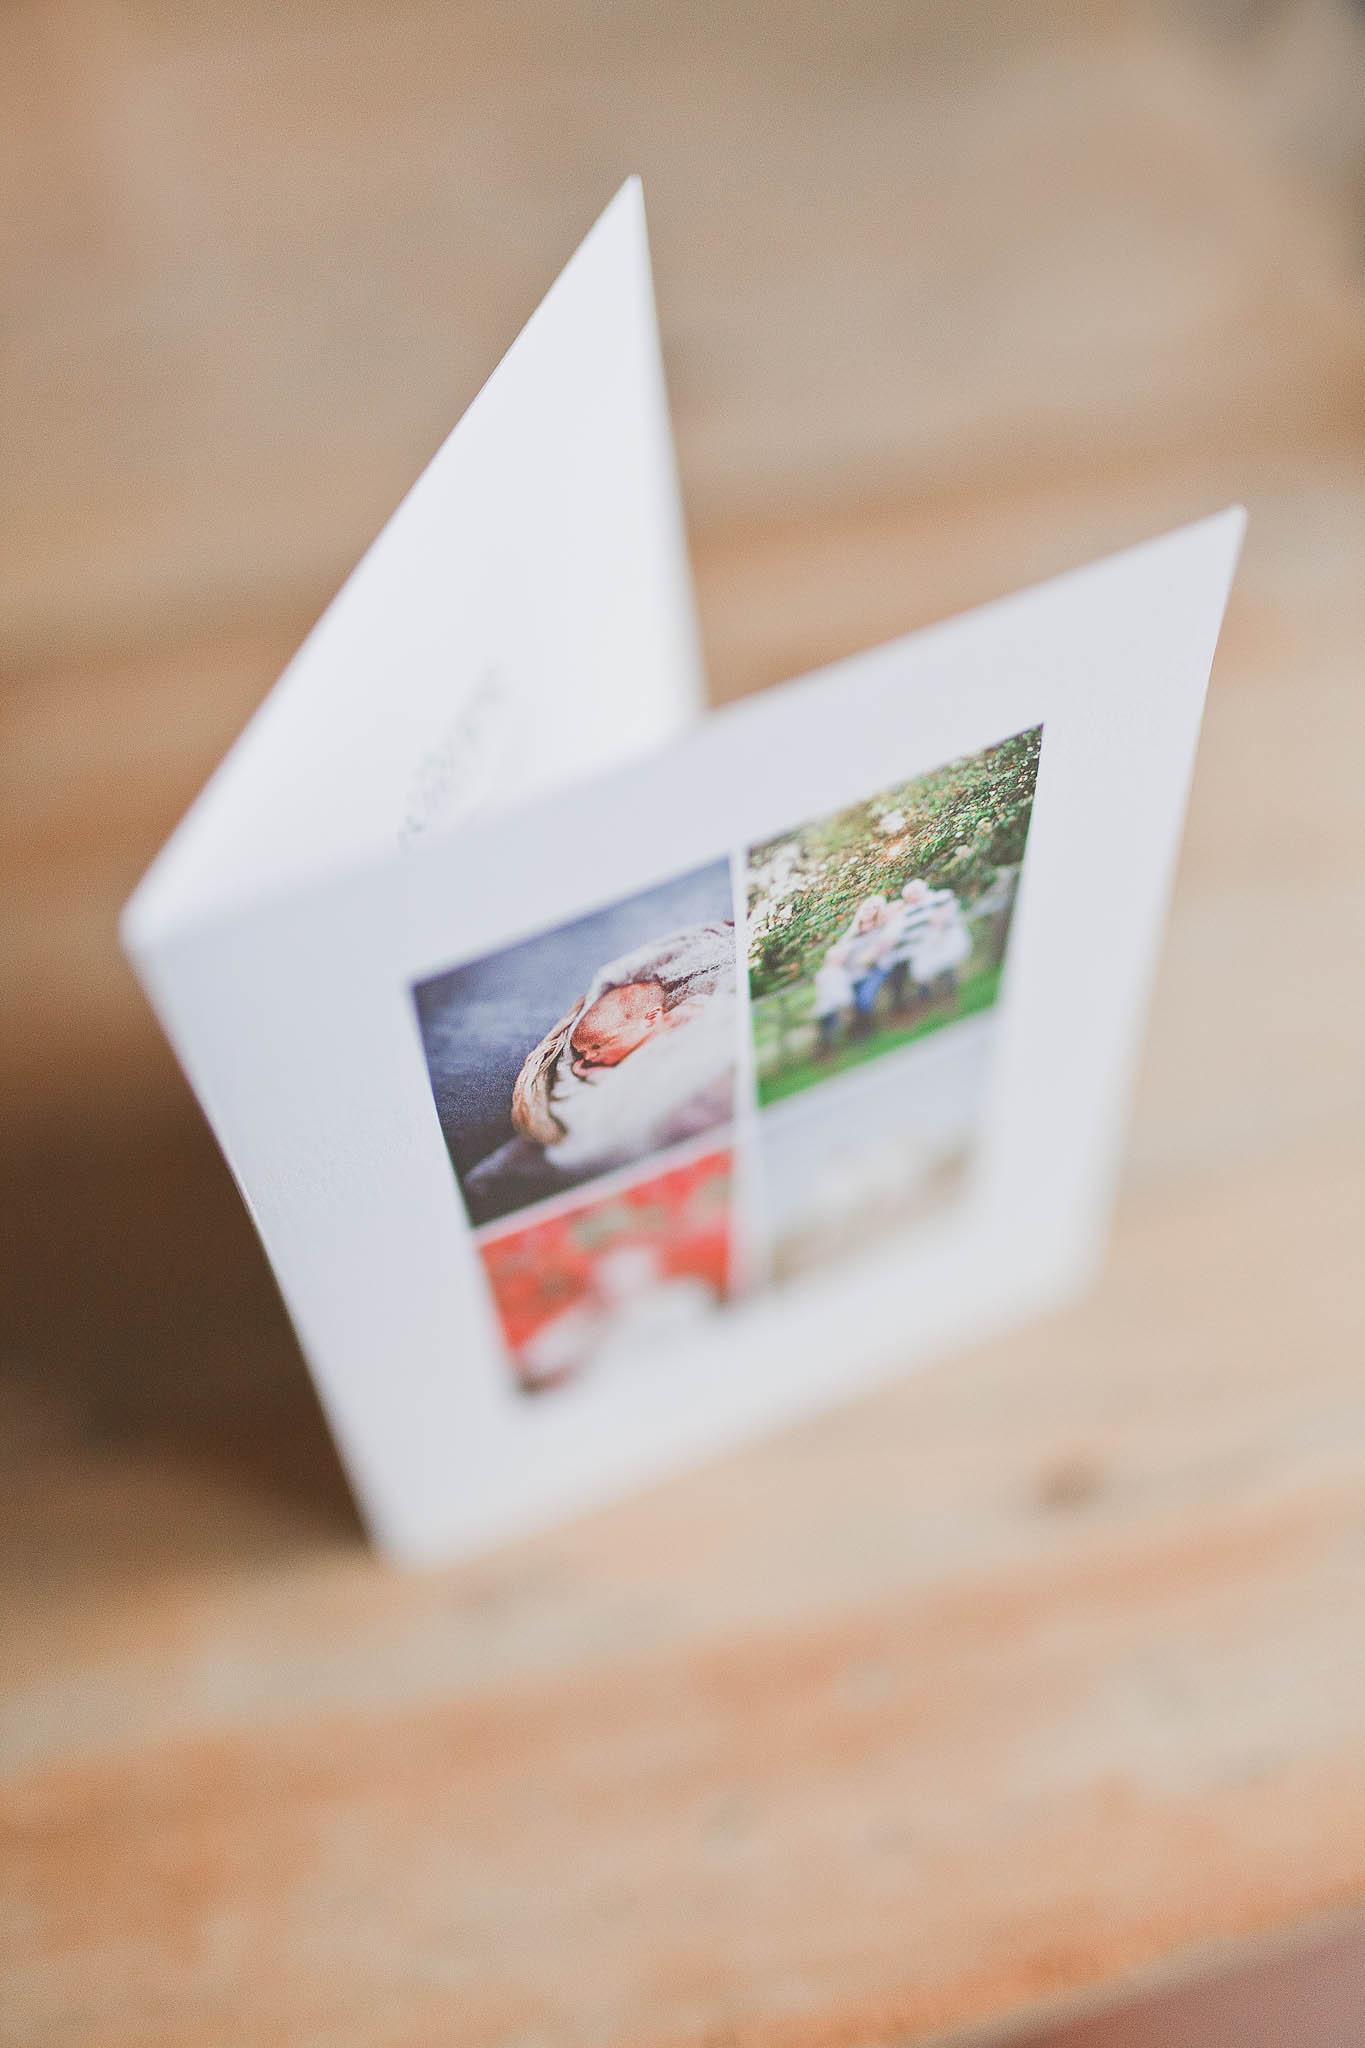 photoshoot-gift-vouchers-5.jpg